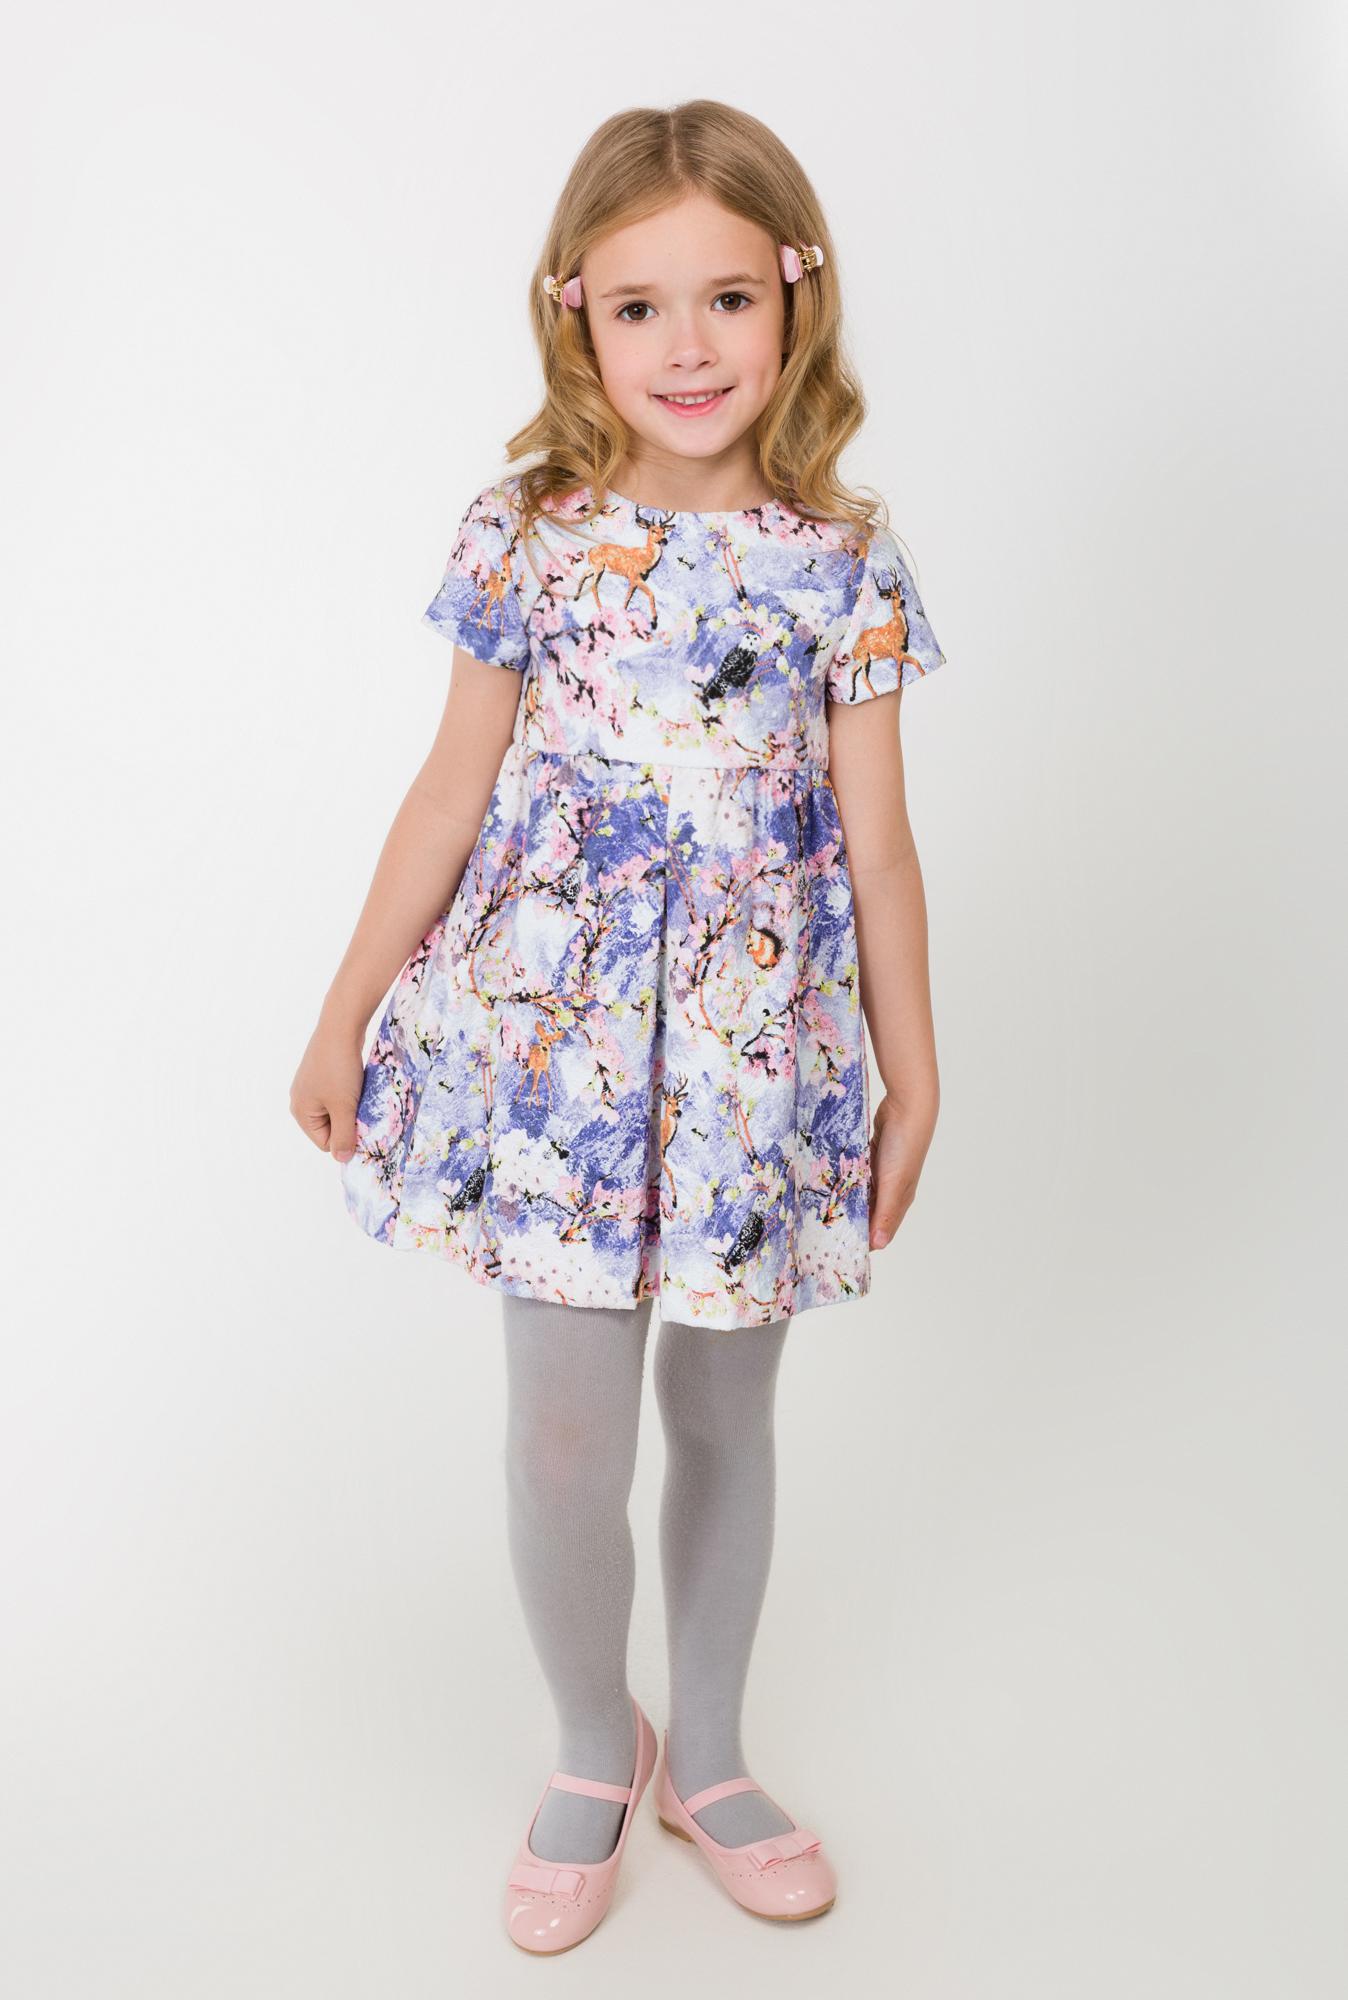 Детское Платье Интернет Магазин Доставка